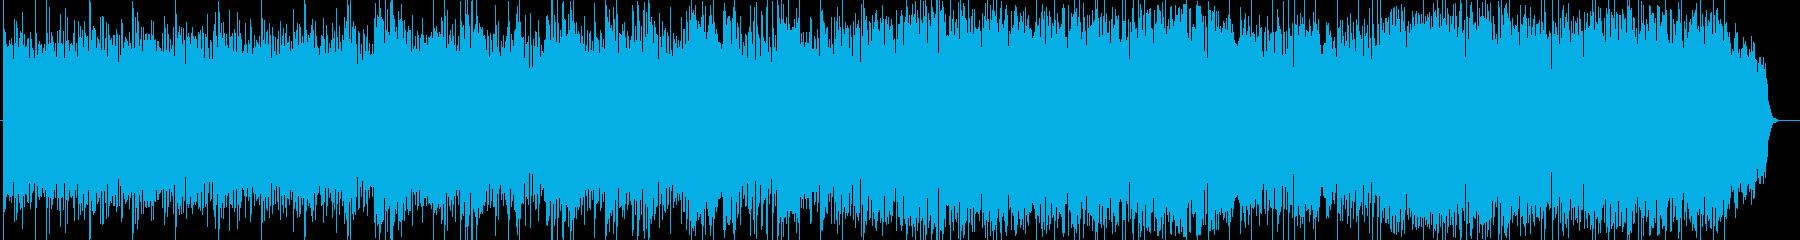 清々しく神秘的シンセ・ピアノなどの曲の再生済みの波形